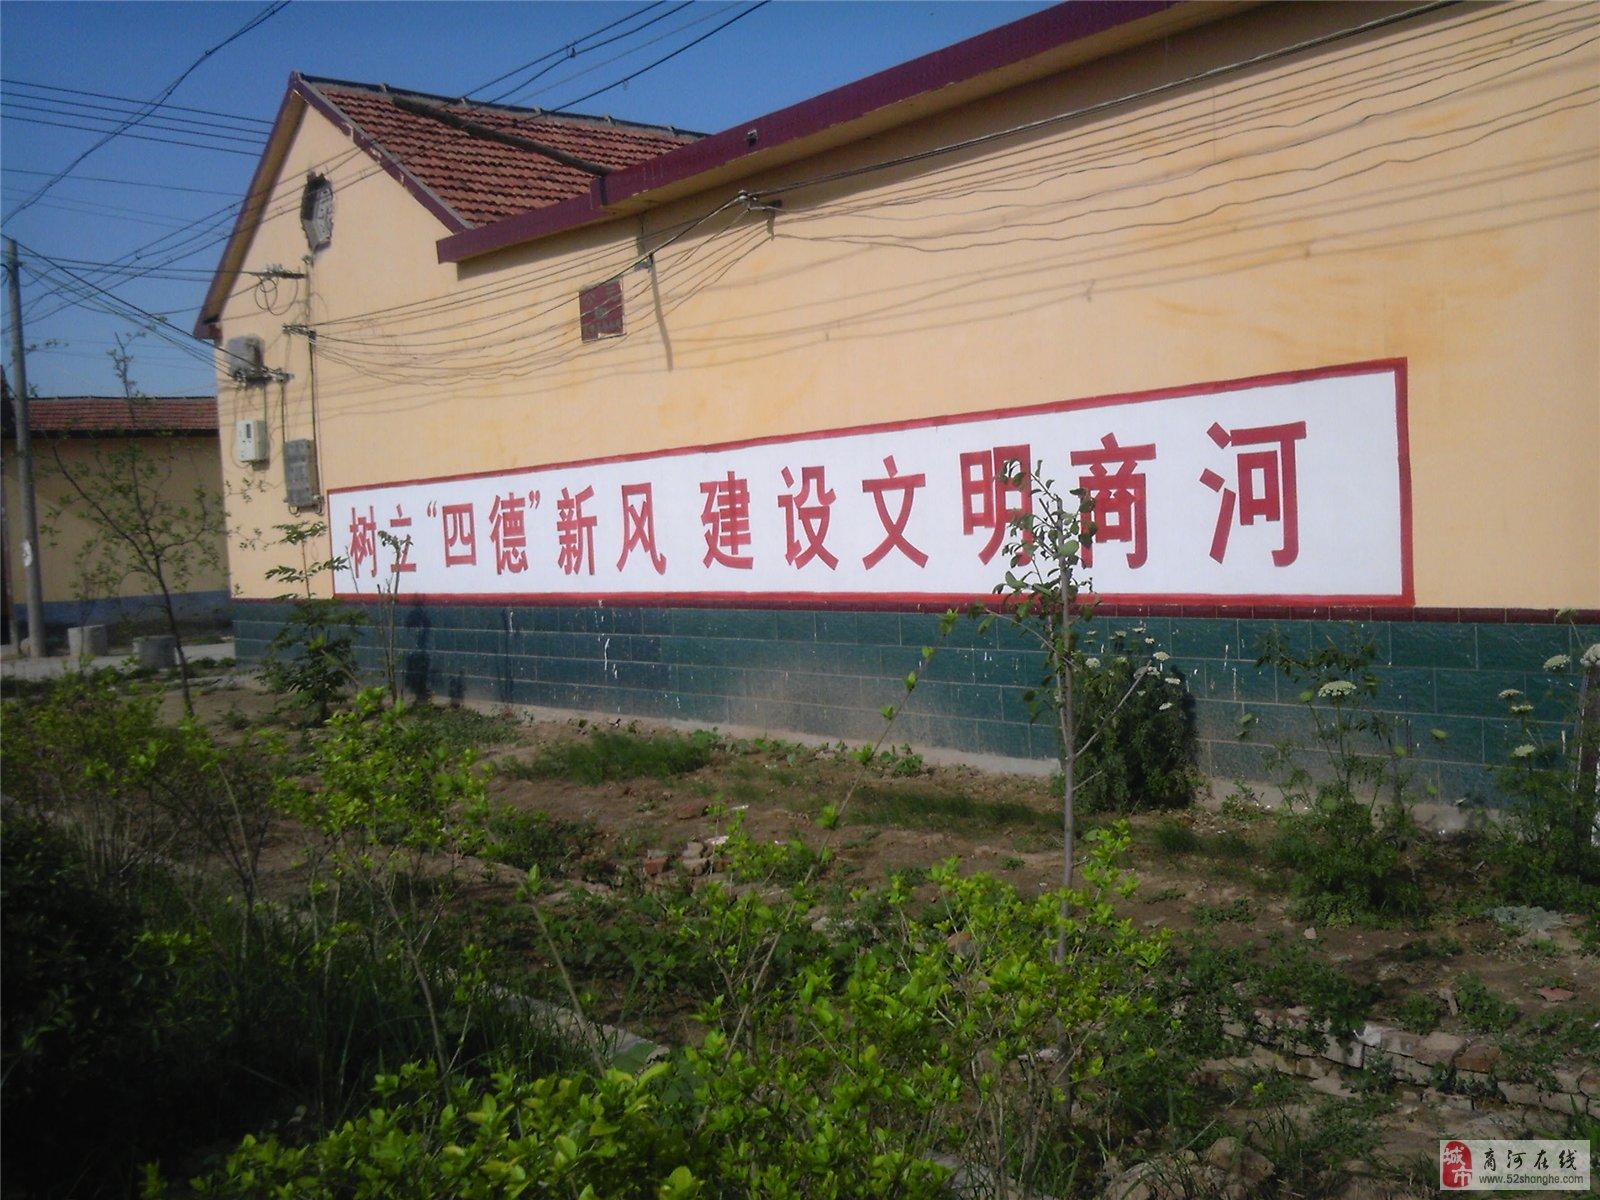 墙体艺术字,墙体手绘